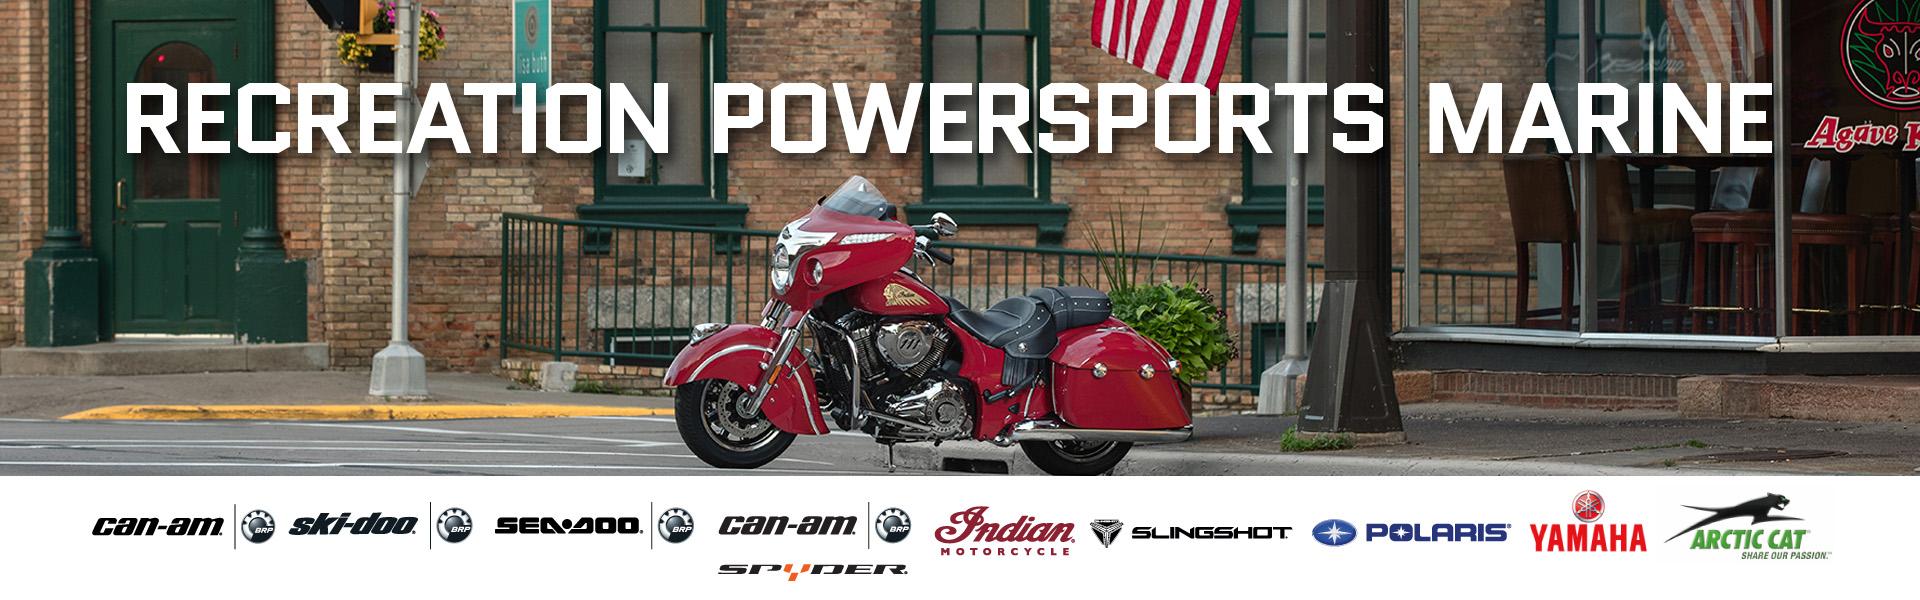 Can-am, Ski-doo, Sea-doo, Can-am Spyder, Indian Motorcycle, Slingshot, Polaris, Yamaha, Arctic Cat